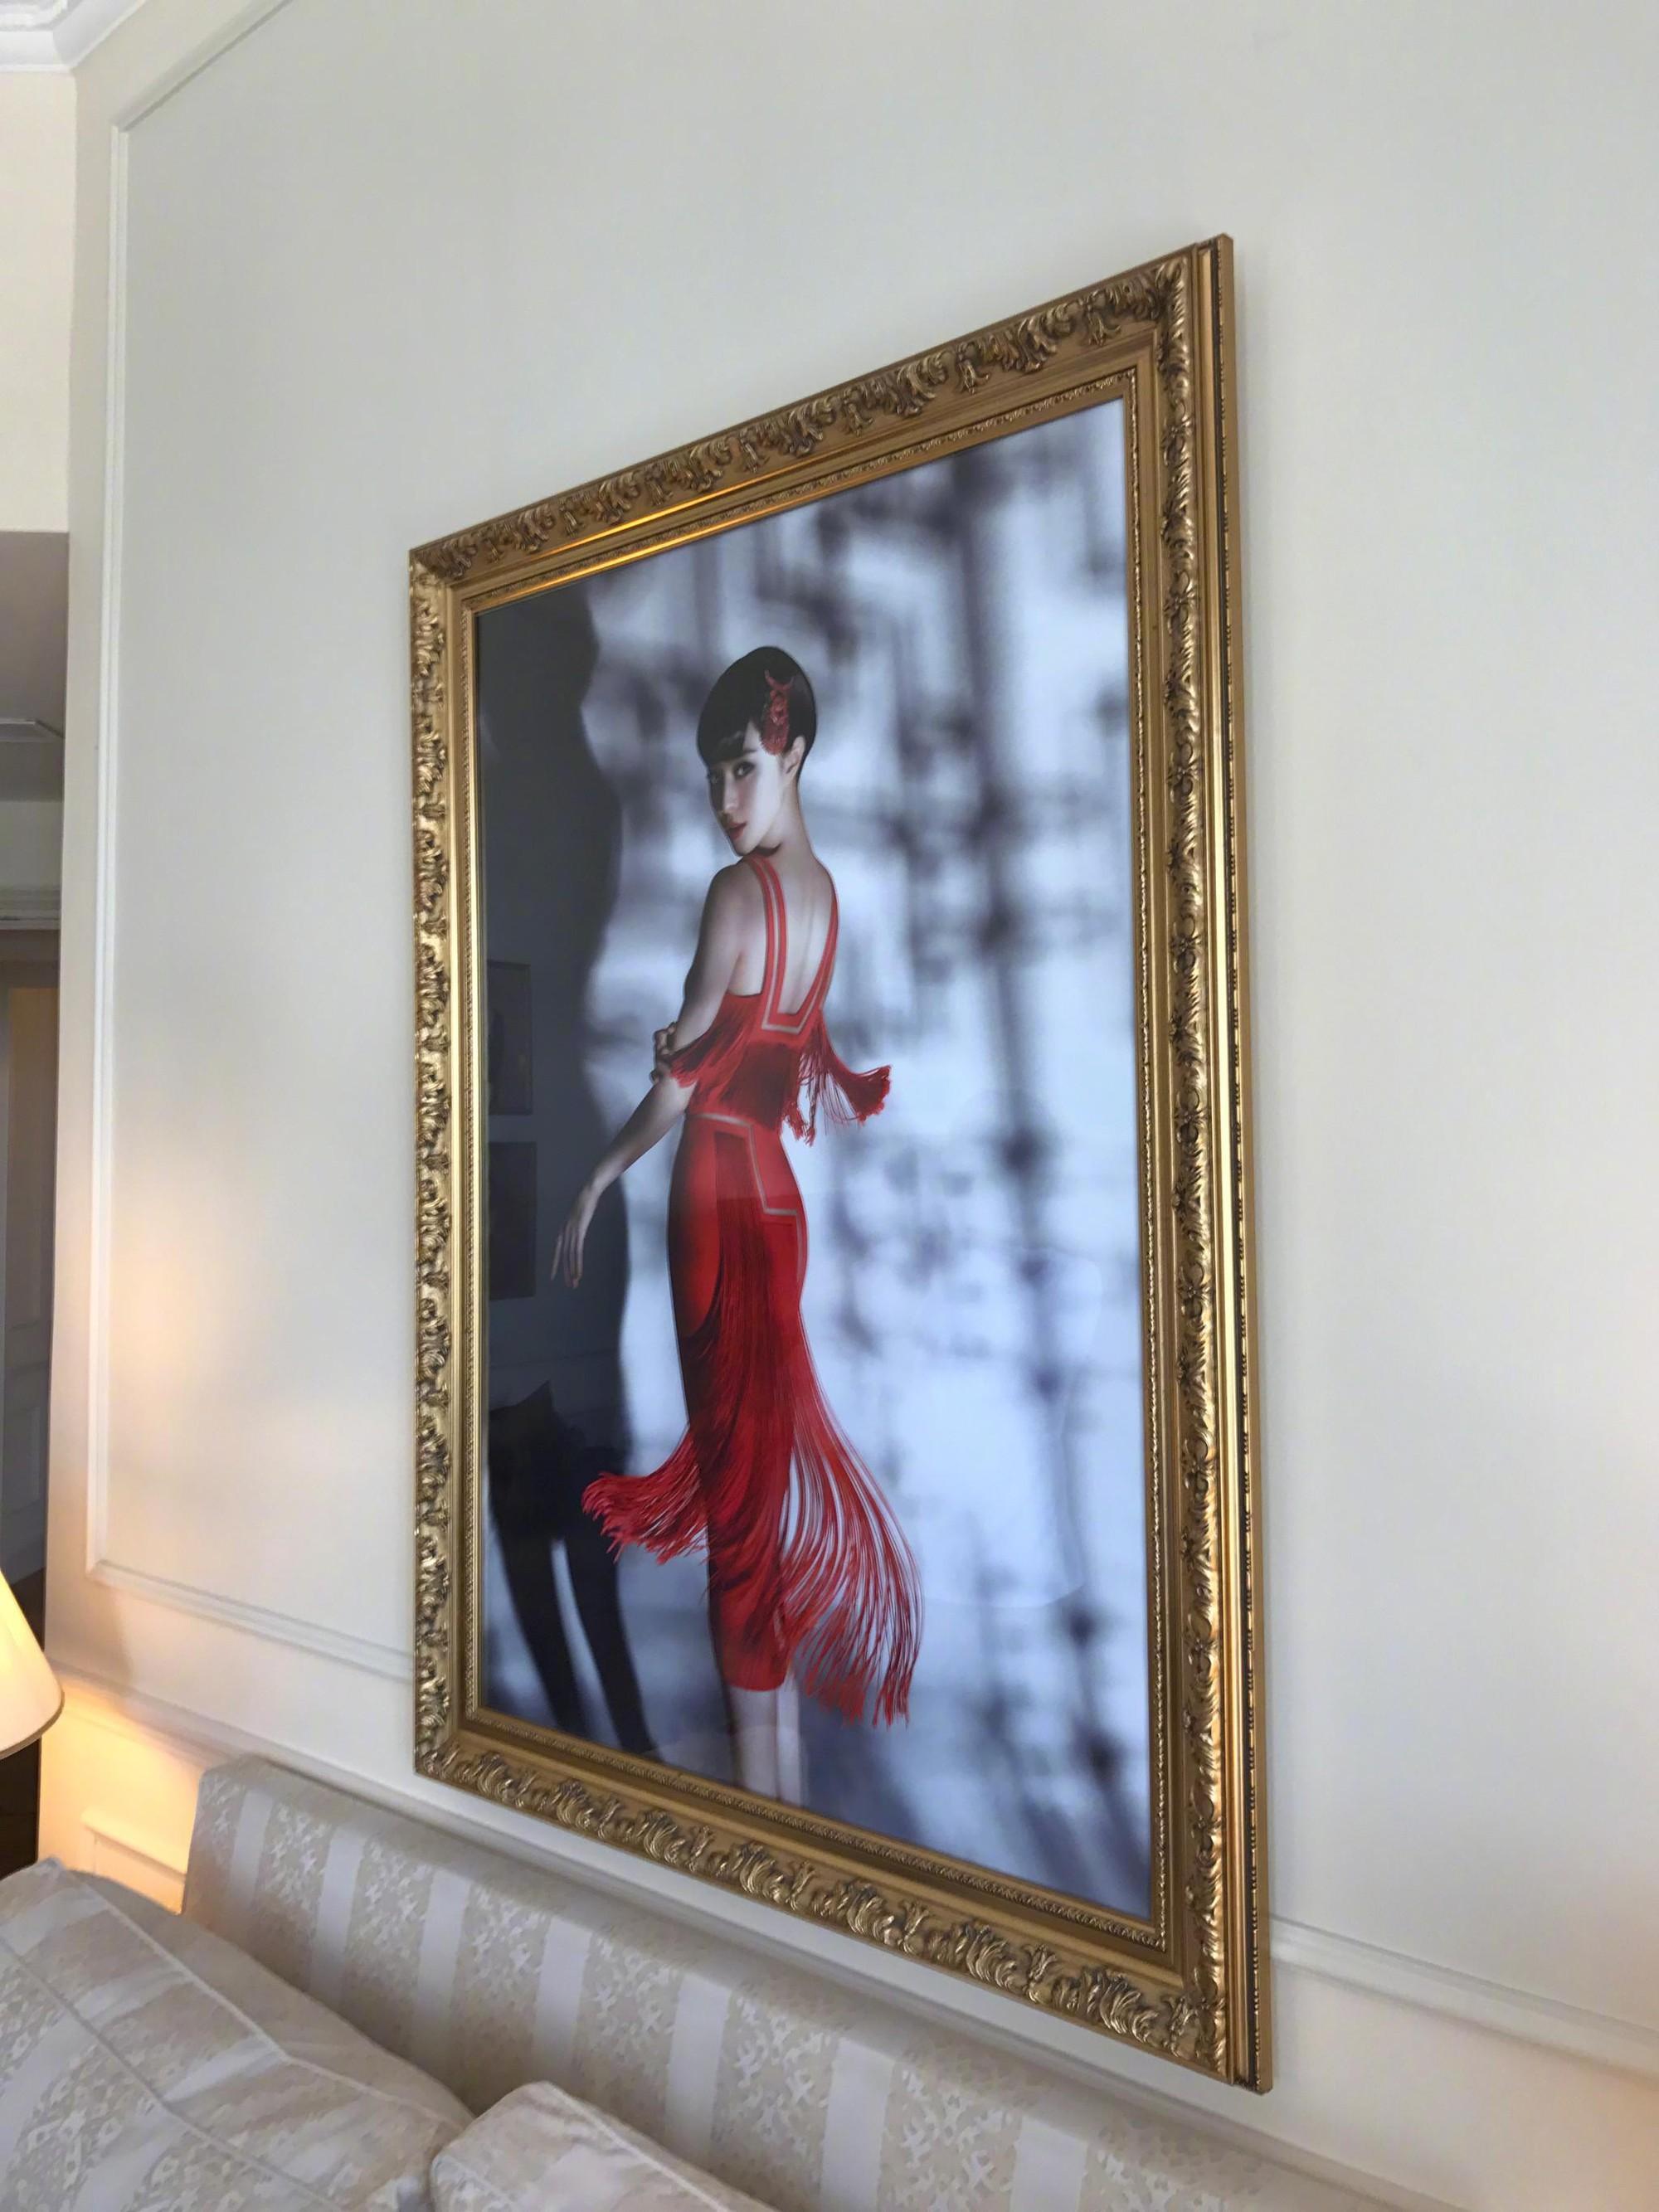 Cận cảnh phòng khách sạn mà như nhà riêng của Phạm Băng Băng ở Cannes: 120 triệu/đêm, tràn ngập toàn ảnh Nữ hoàng Cbiz - Ảnh 3.